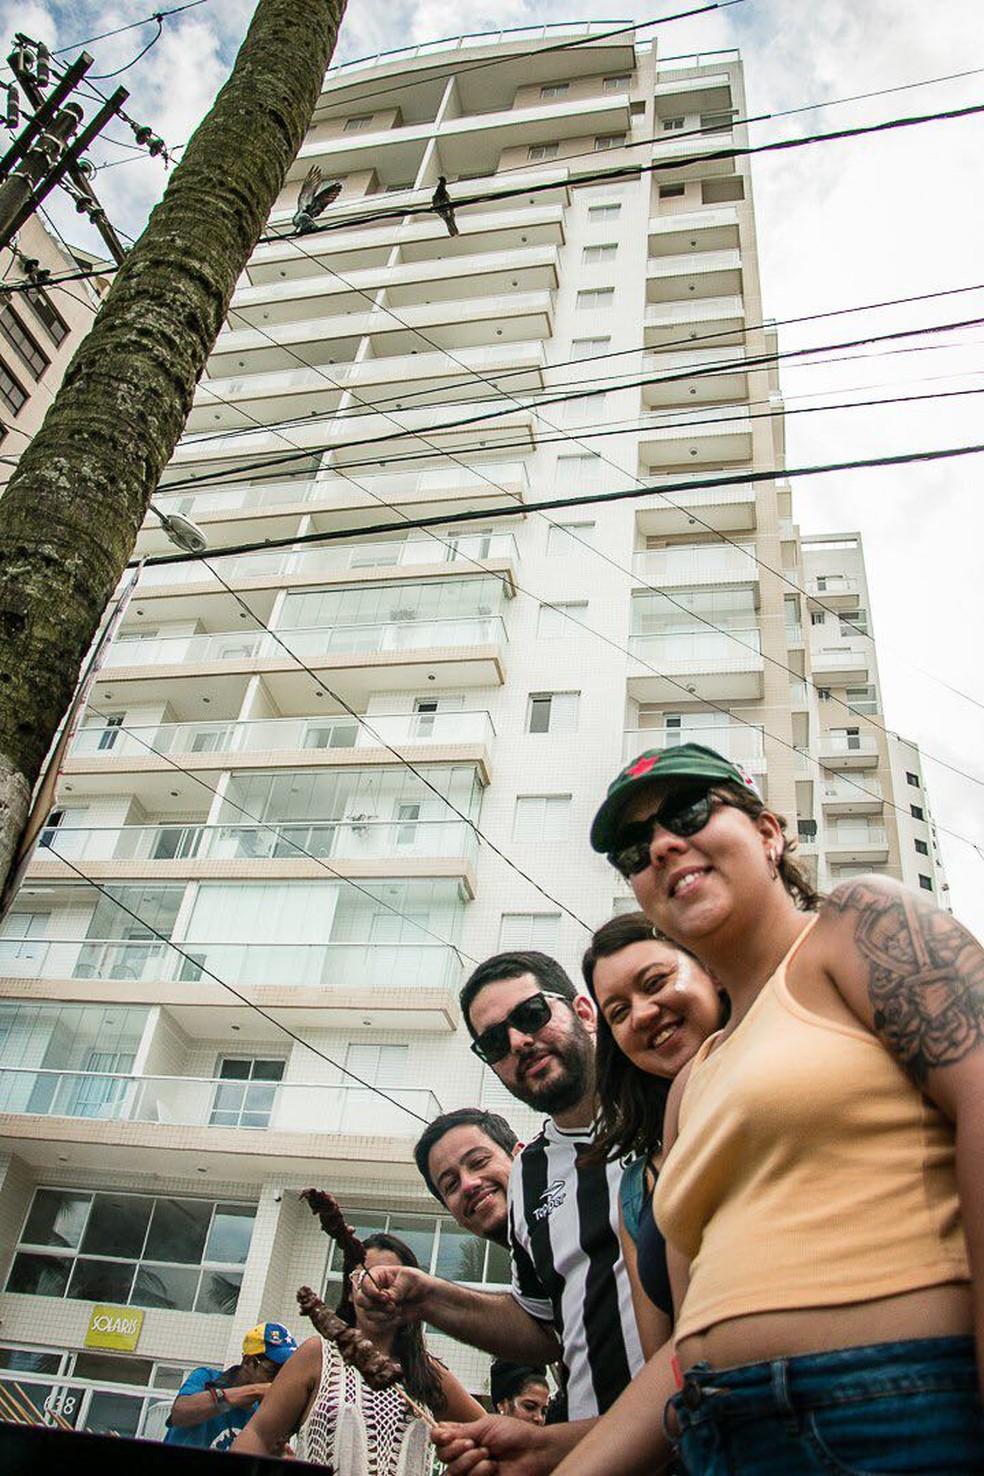 Militantes fazem churrasco em frente ao triplex, no Guarujá, atribuído ao ex-presidente Lula. (Foto: Mariana Dias/Arquivo Pessoal)